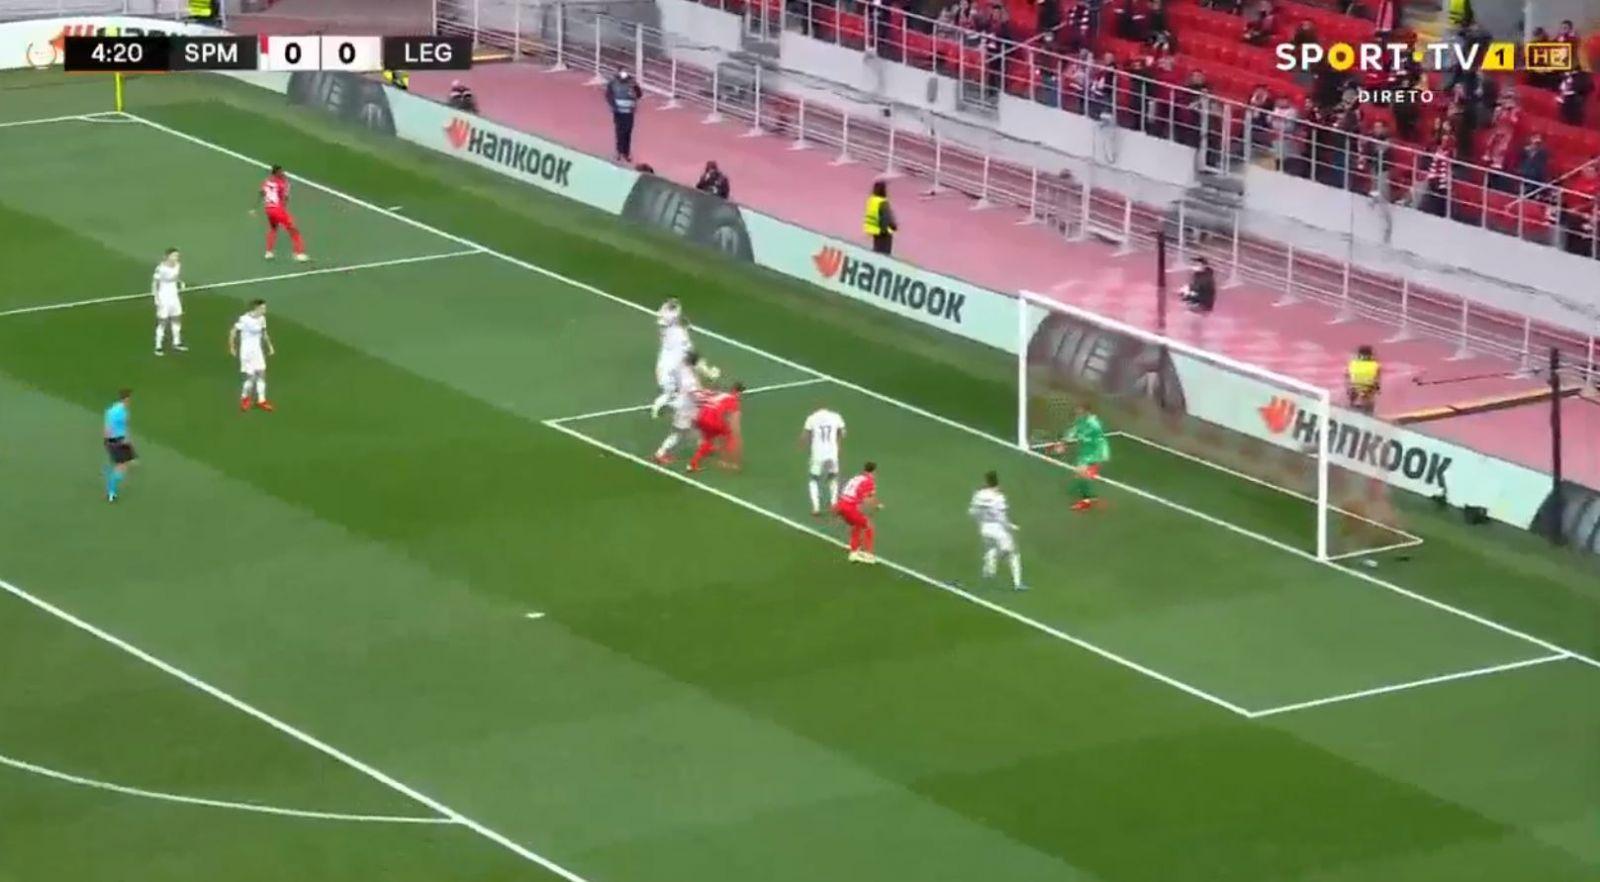 Spartak Moscow 0-1 Legia Warszawa (2021.09.15) Watch Full Goals Highligth